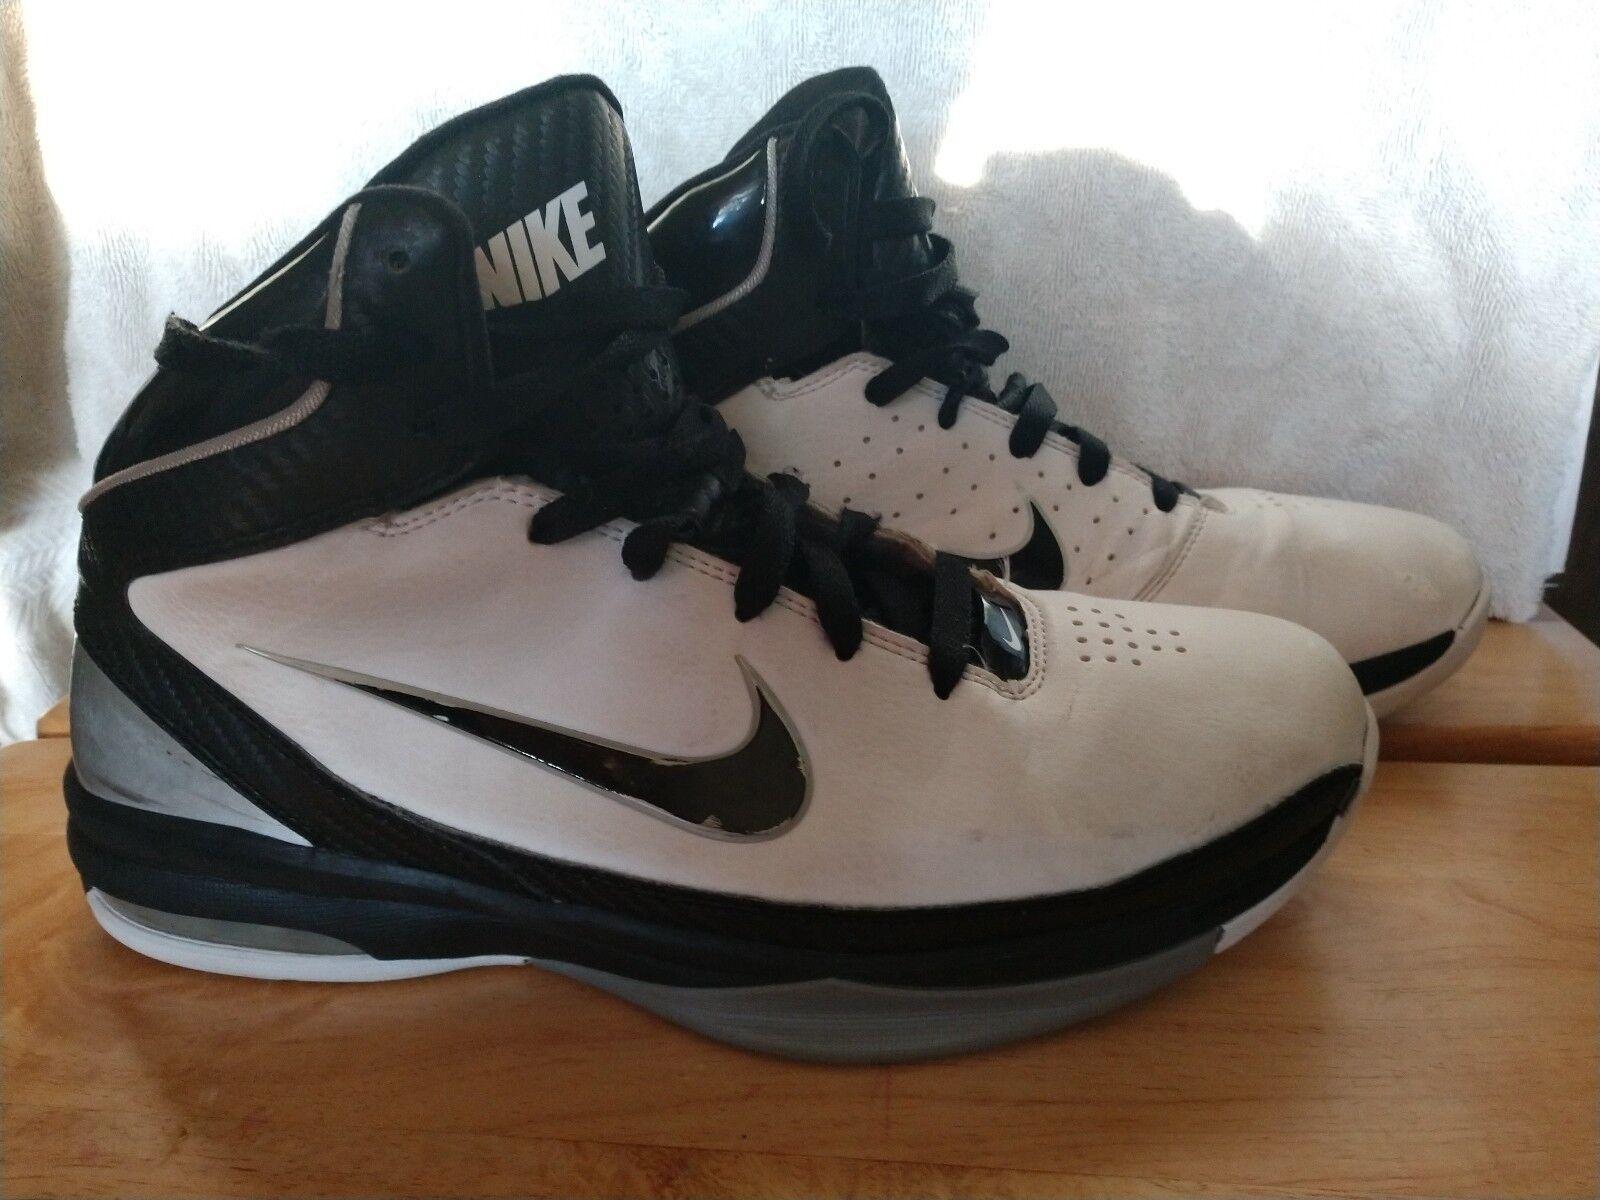 Nike air max pubblicizzata la tubercolosi scarpe da da da basket taglia 10 rare 407708-001 | A Prezzo Ridotto  | Area di specifica completa  | Fornitura sufficiente  682001